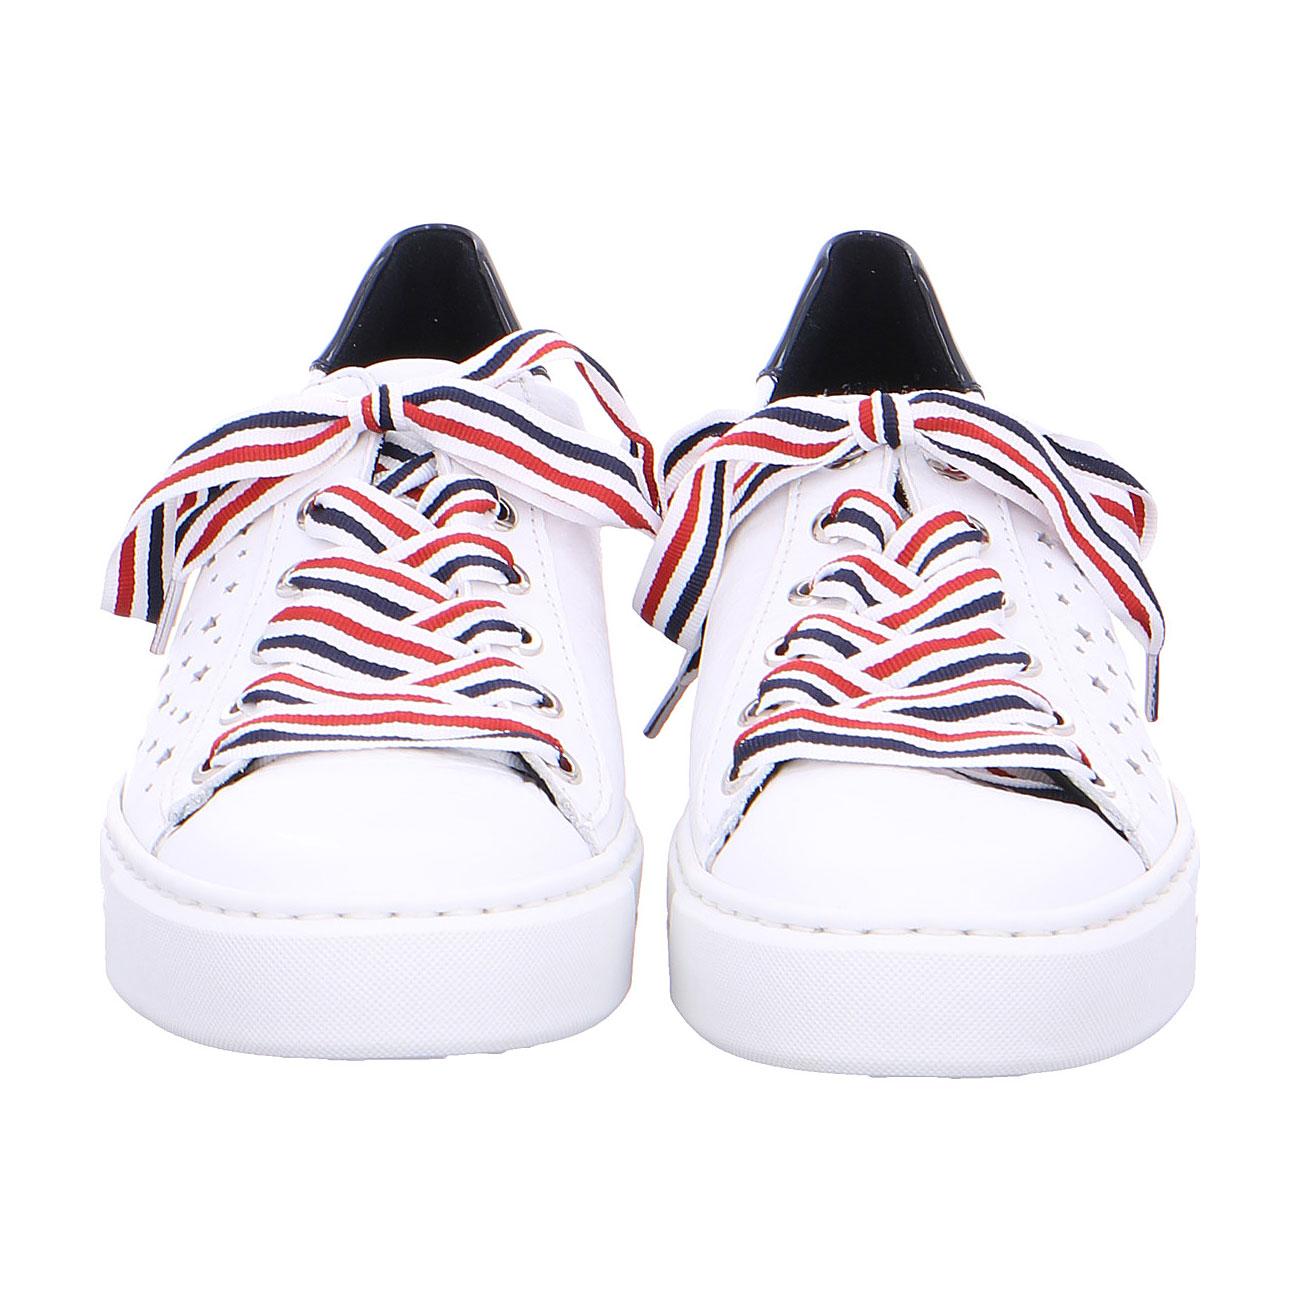 Дамски спортни перфорирани обувки ara 12-37499-05 - бели с шарени връзки - снимка 6